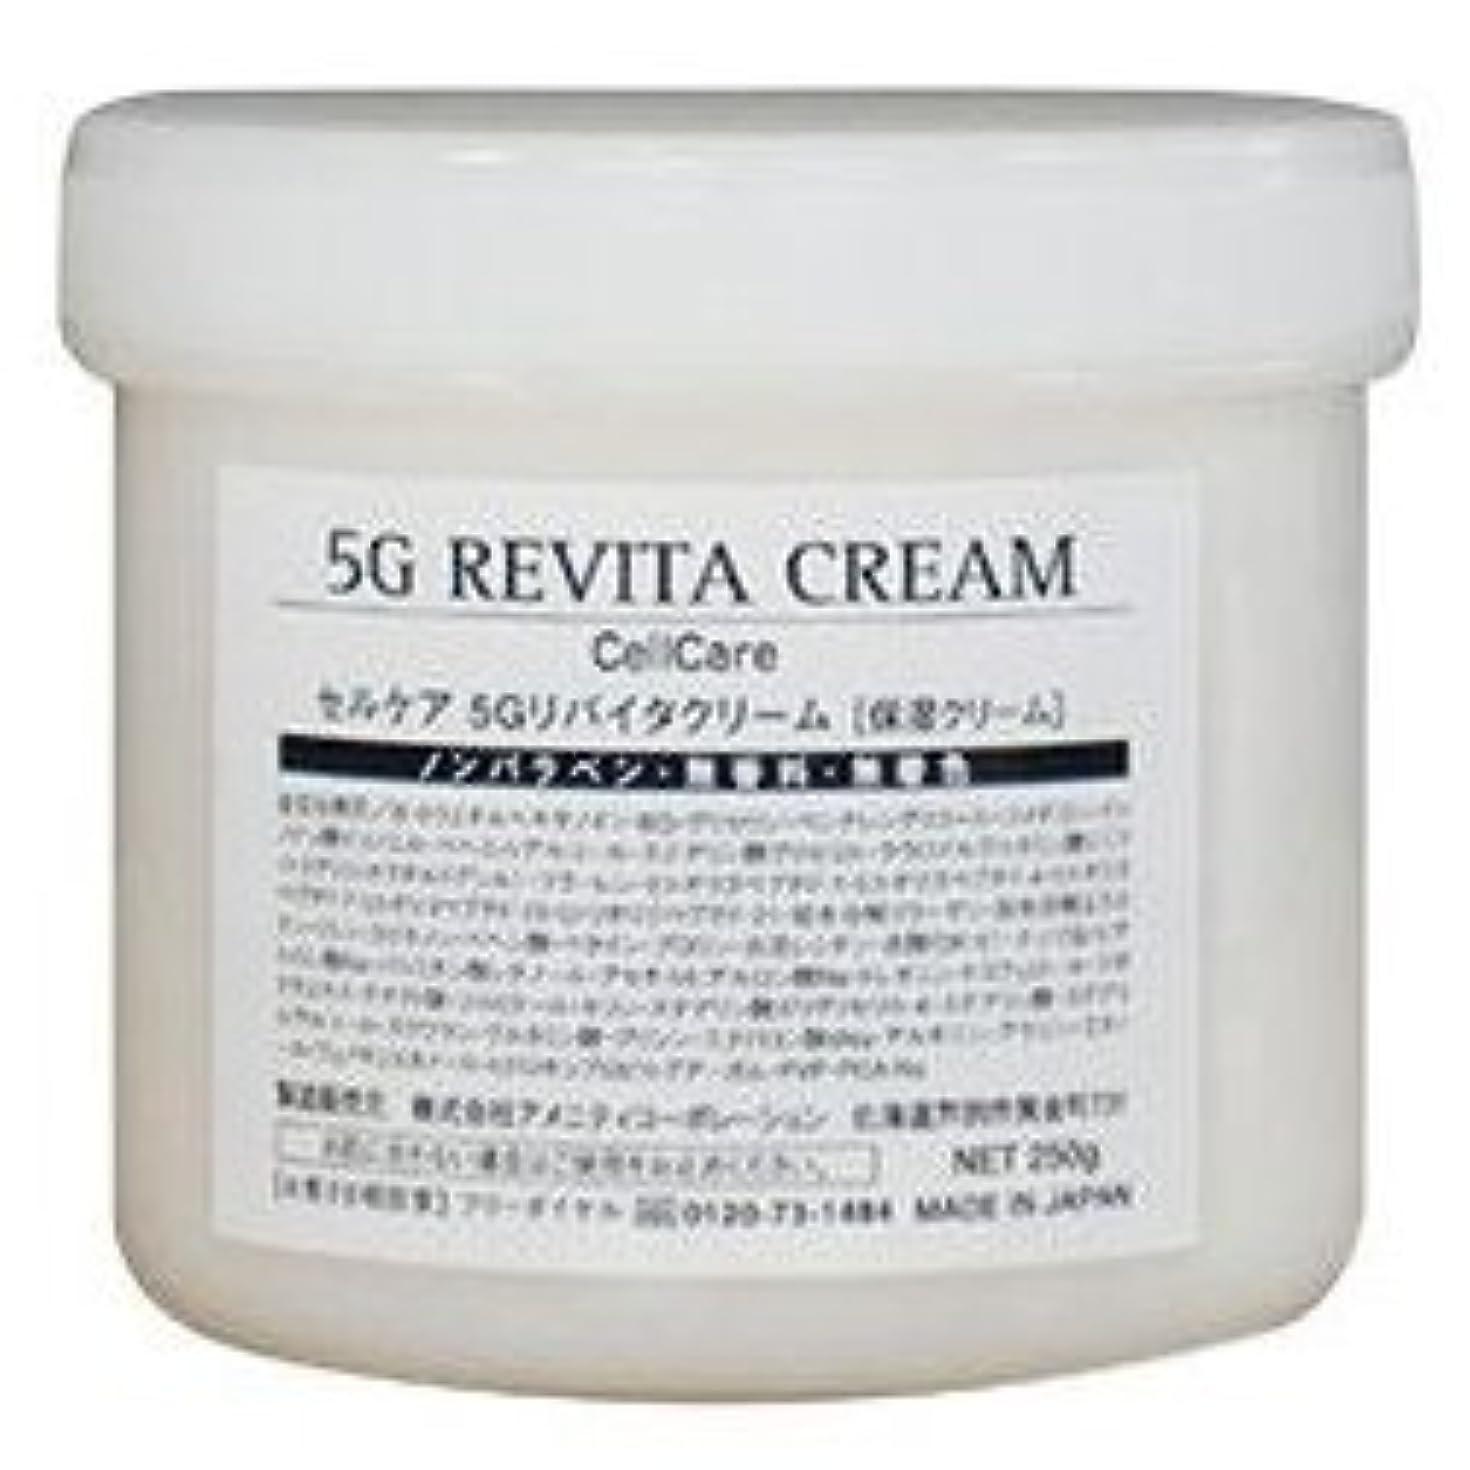 発疹マティスフィードバックセルケアGF プレミアム 5Gリバイタルクリーム 保湿クリーム お徳用250g